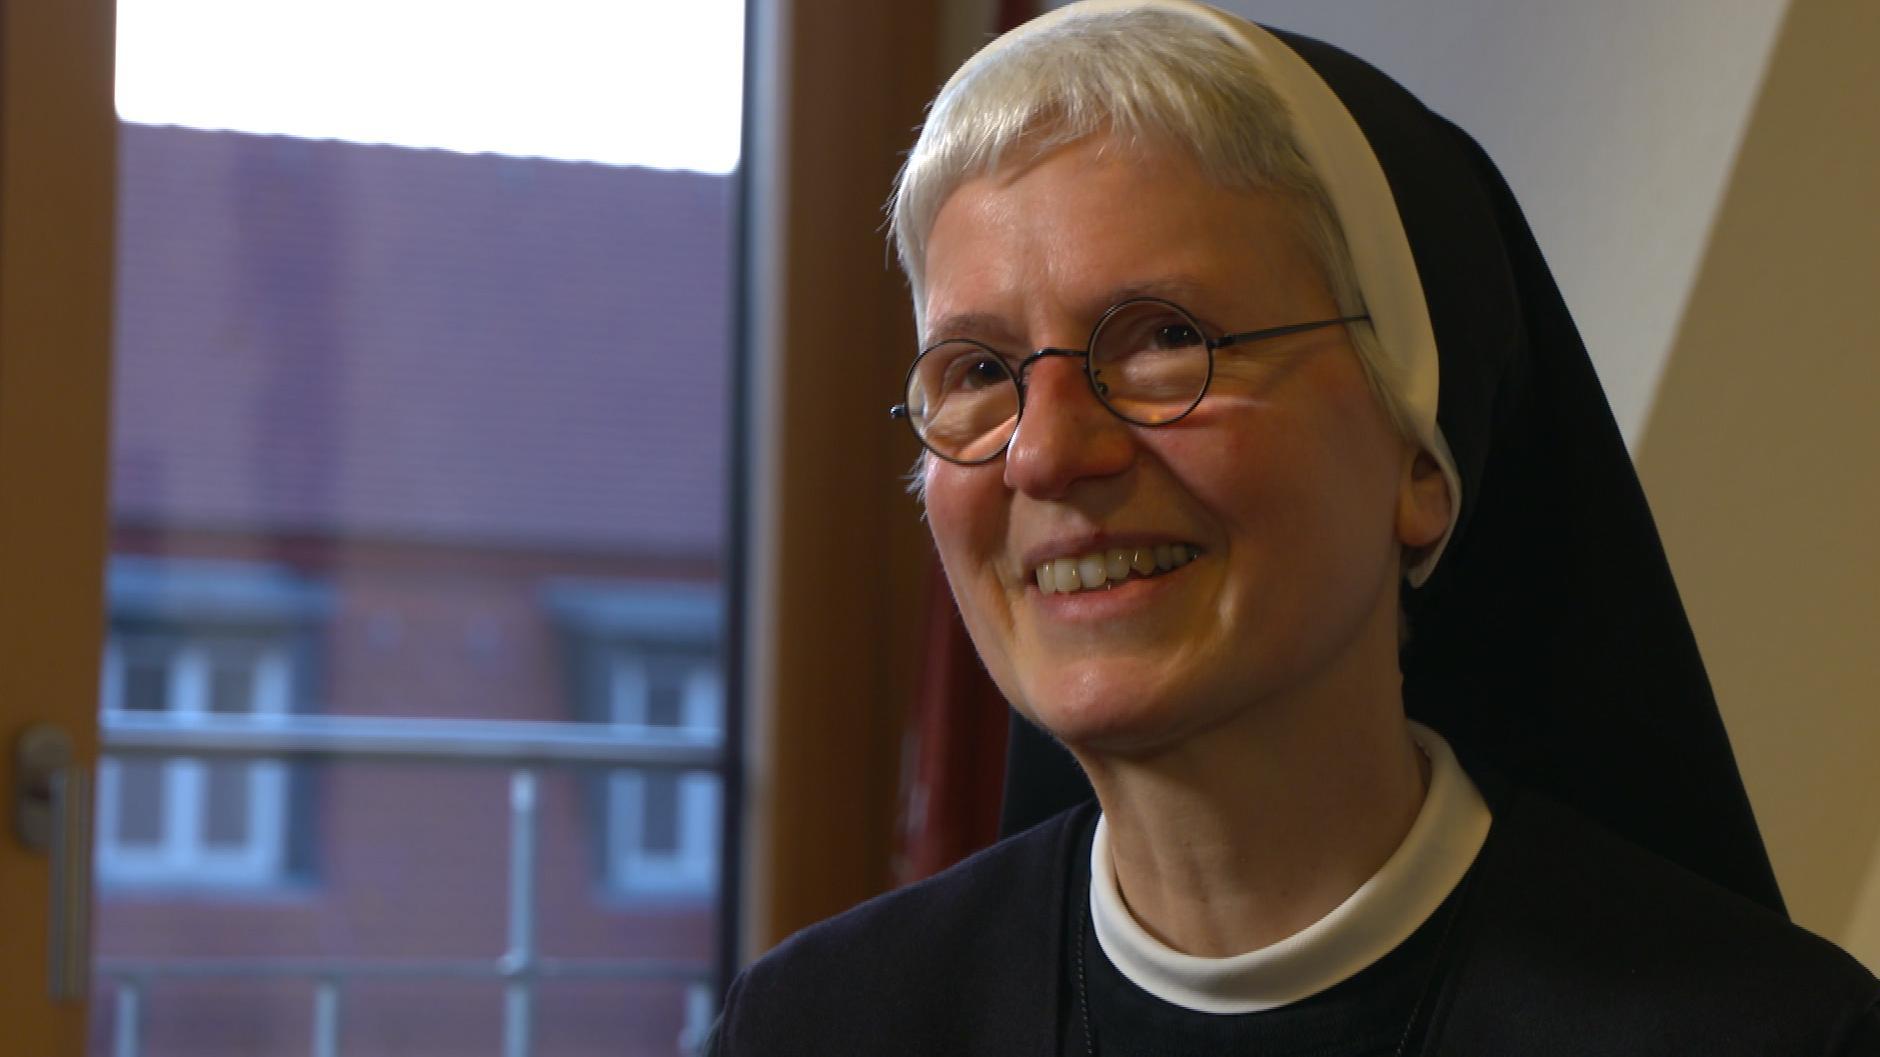 Schwester Katharina ist Oberin der Würzburger Ursulinen und Schuldirektorin der St. Ursula Schule in der Würzburger Innenstadt.